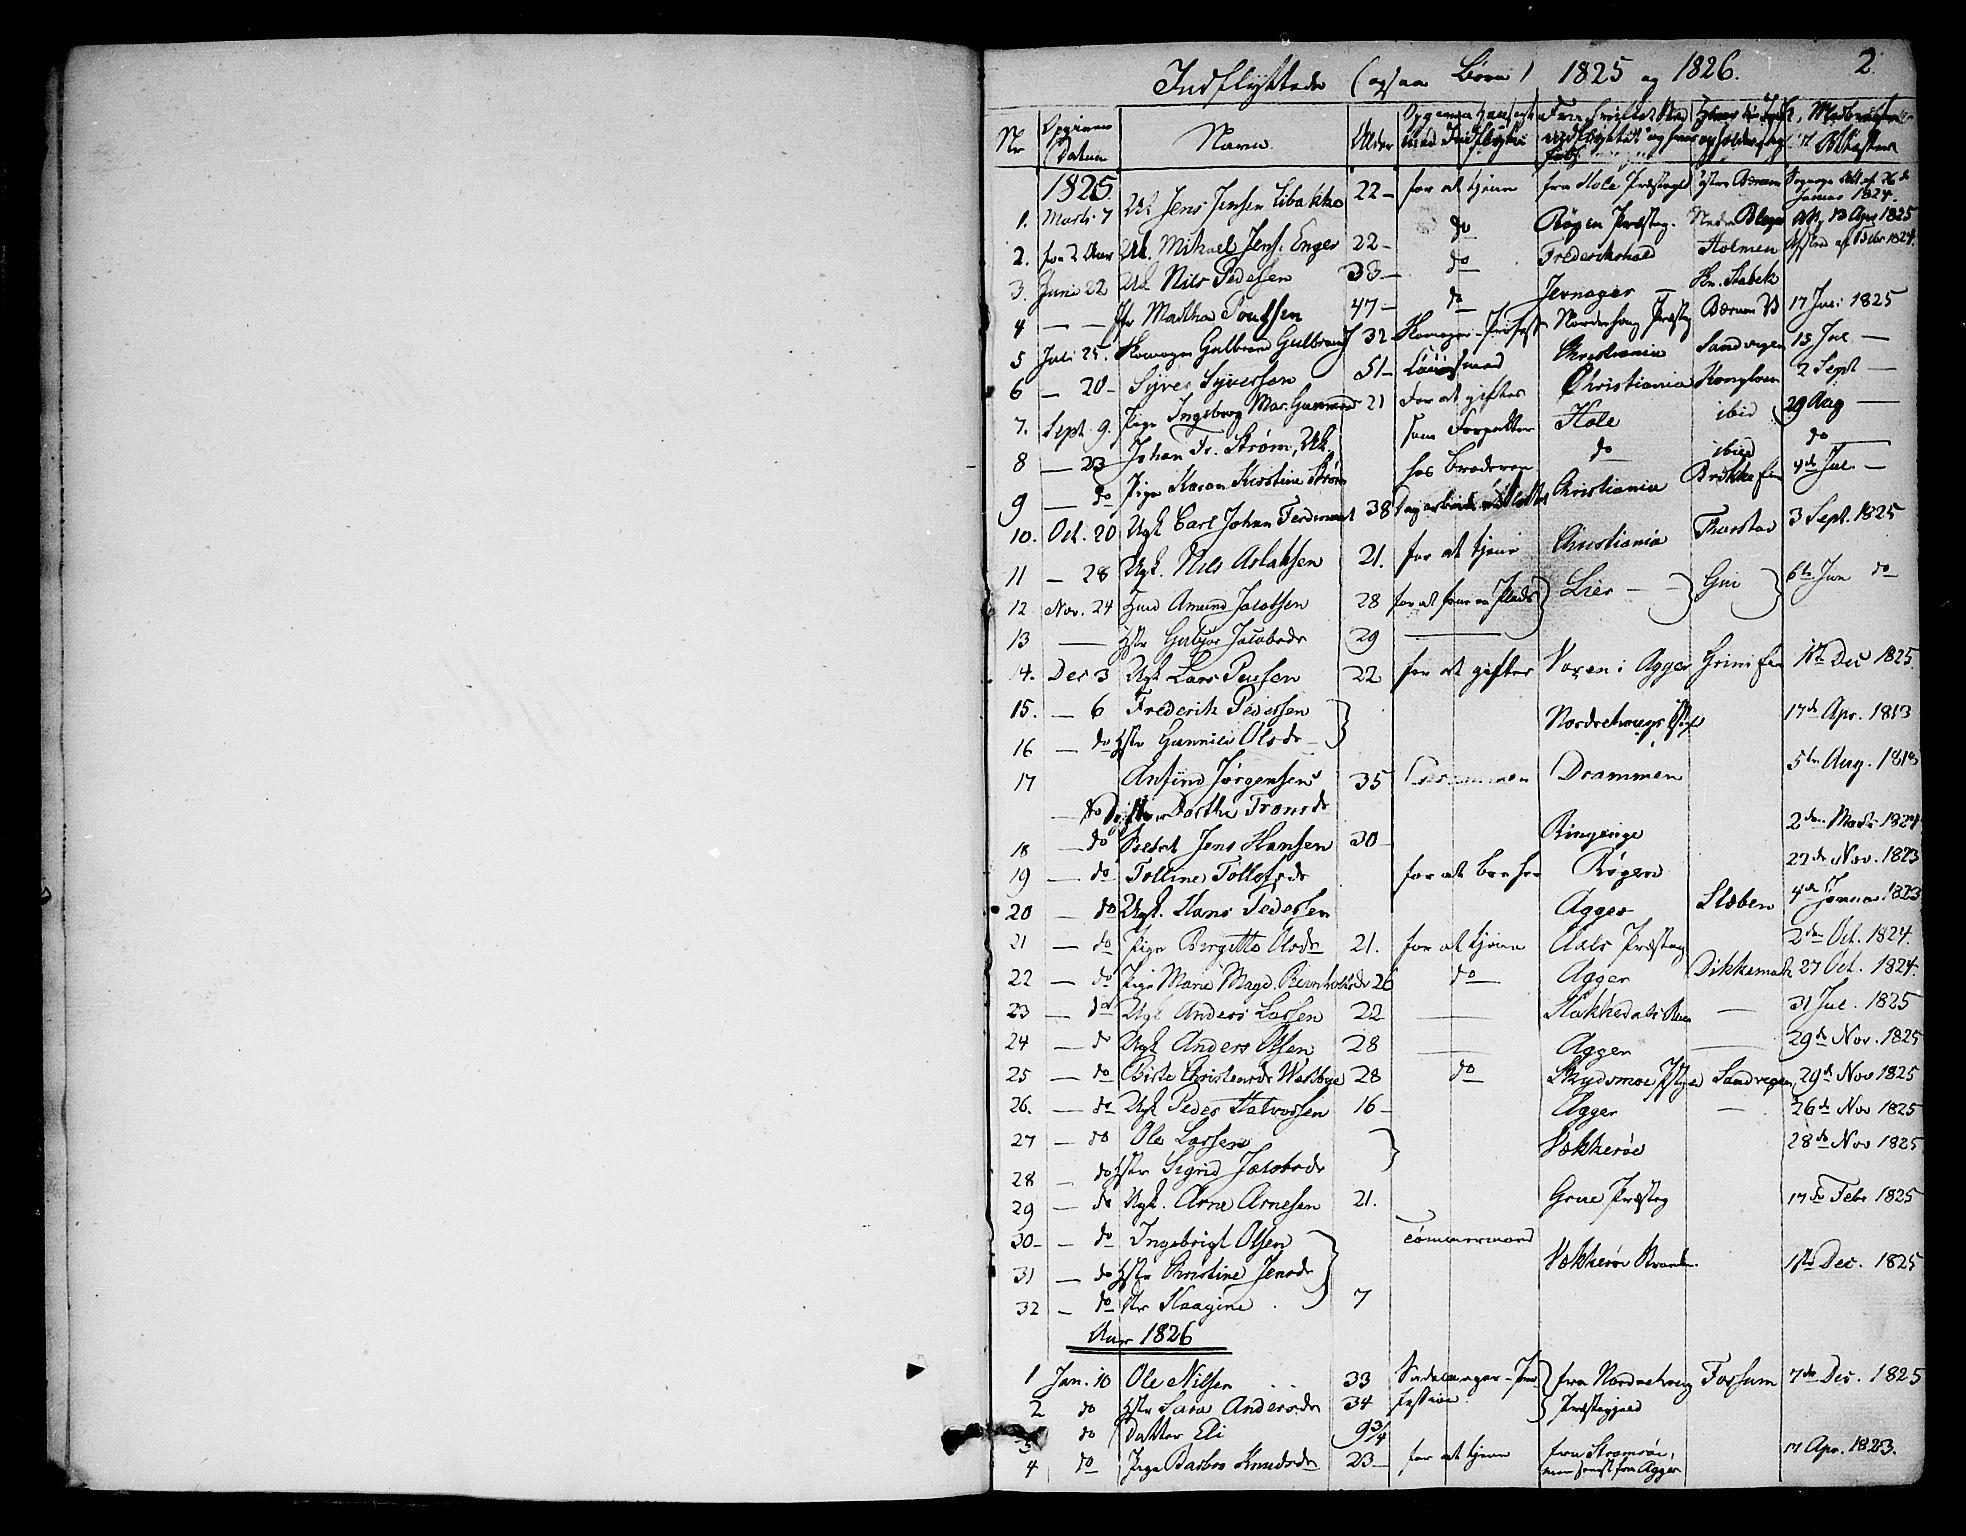 SAO, Asker prestekontor Kirkebøker, F/Fa/L0012: Ministerialbok nr. I 12, 1825-1878, s. 2